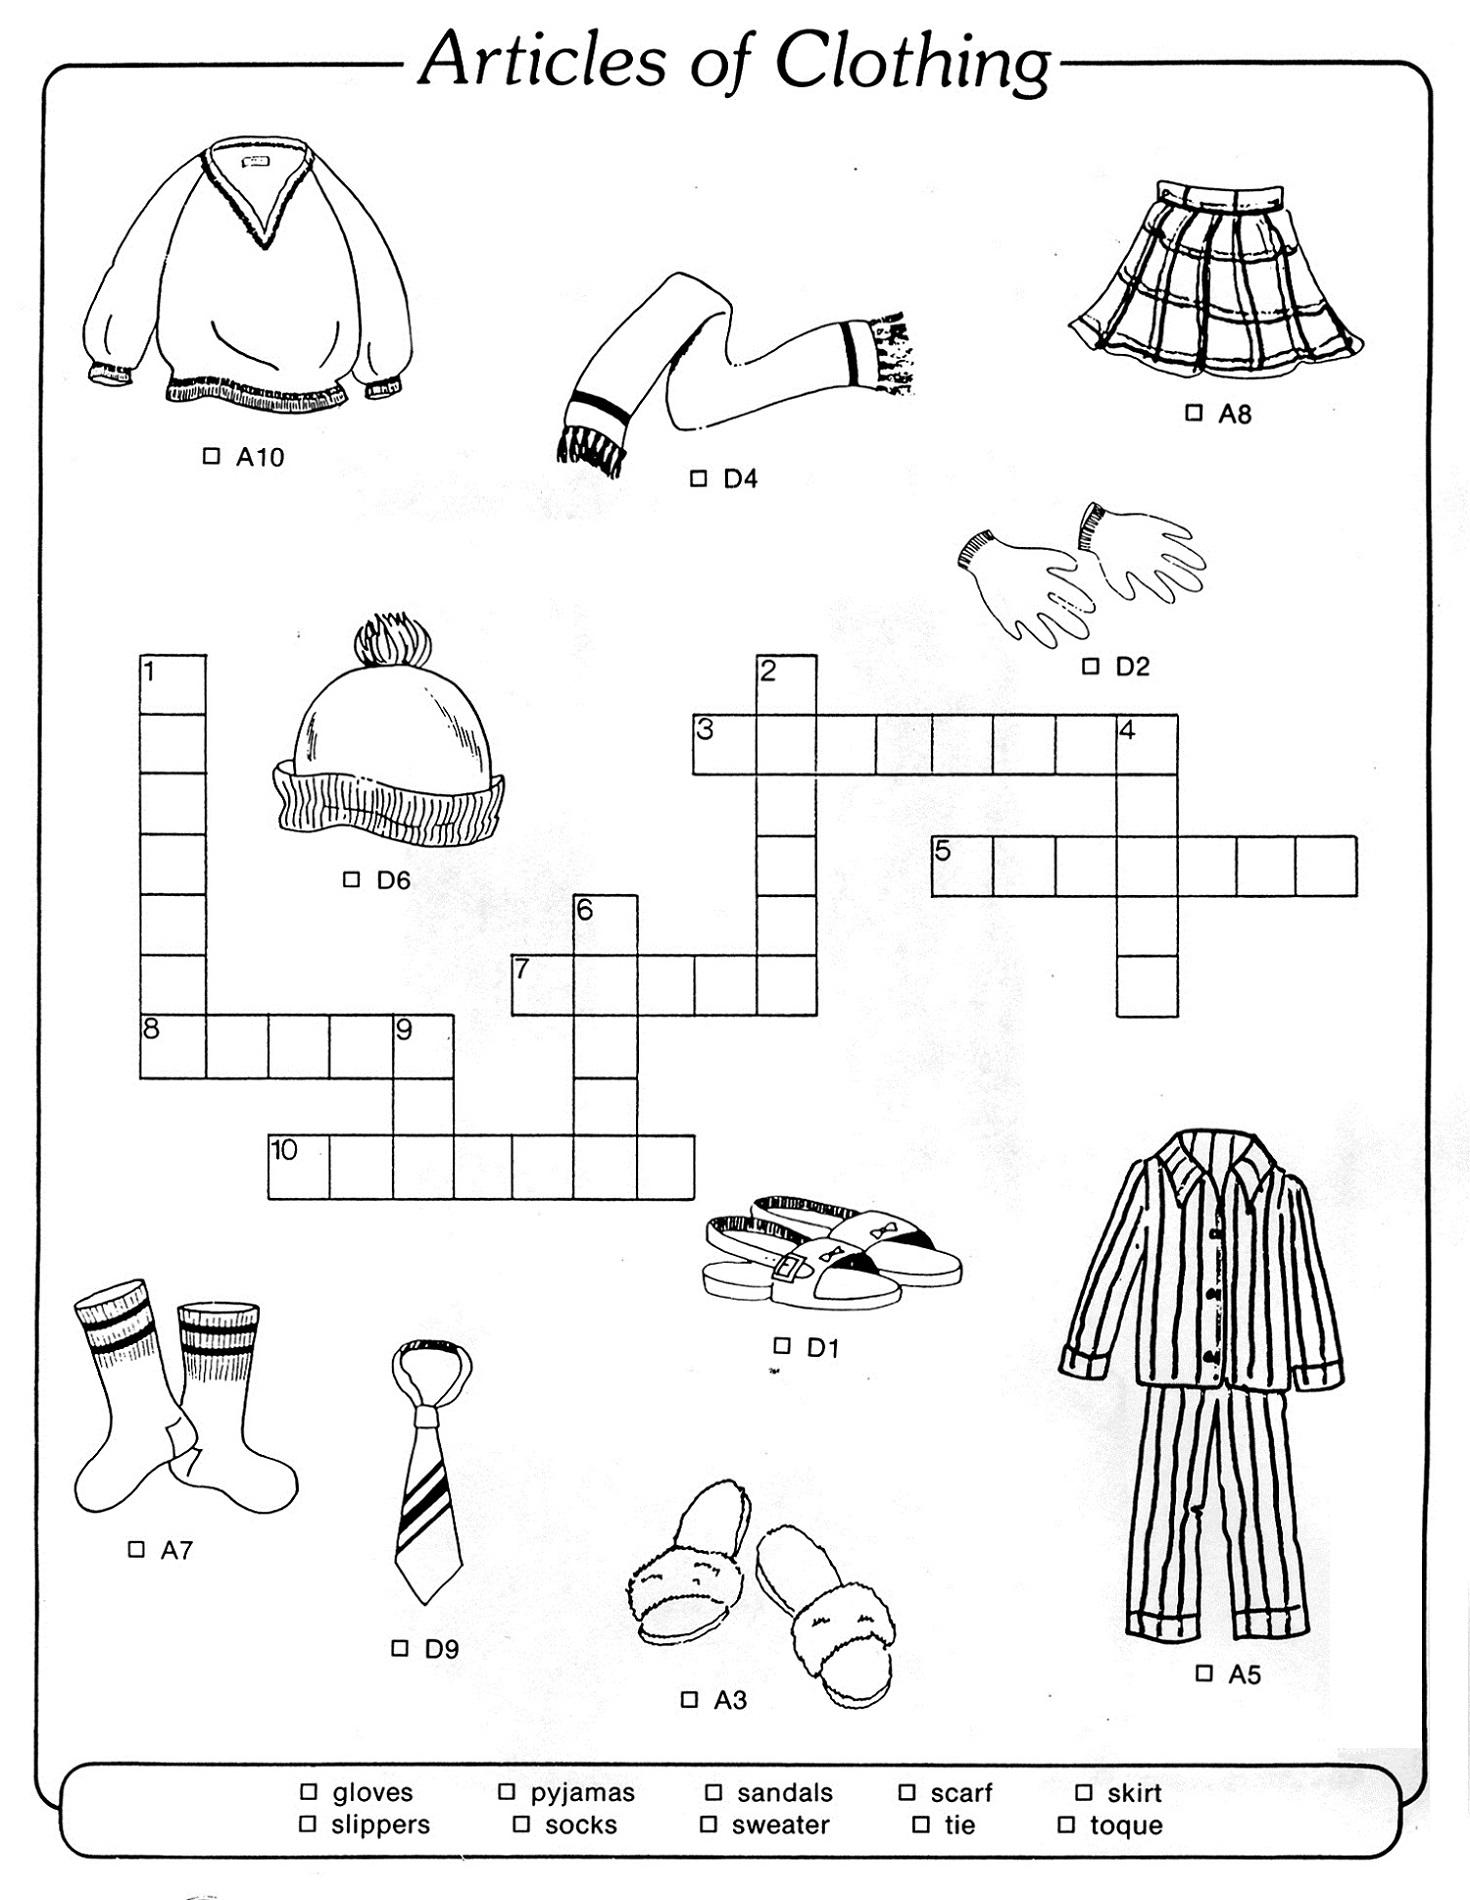 Easy Crosswords for Kids